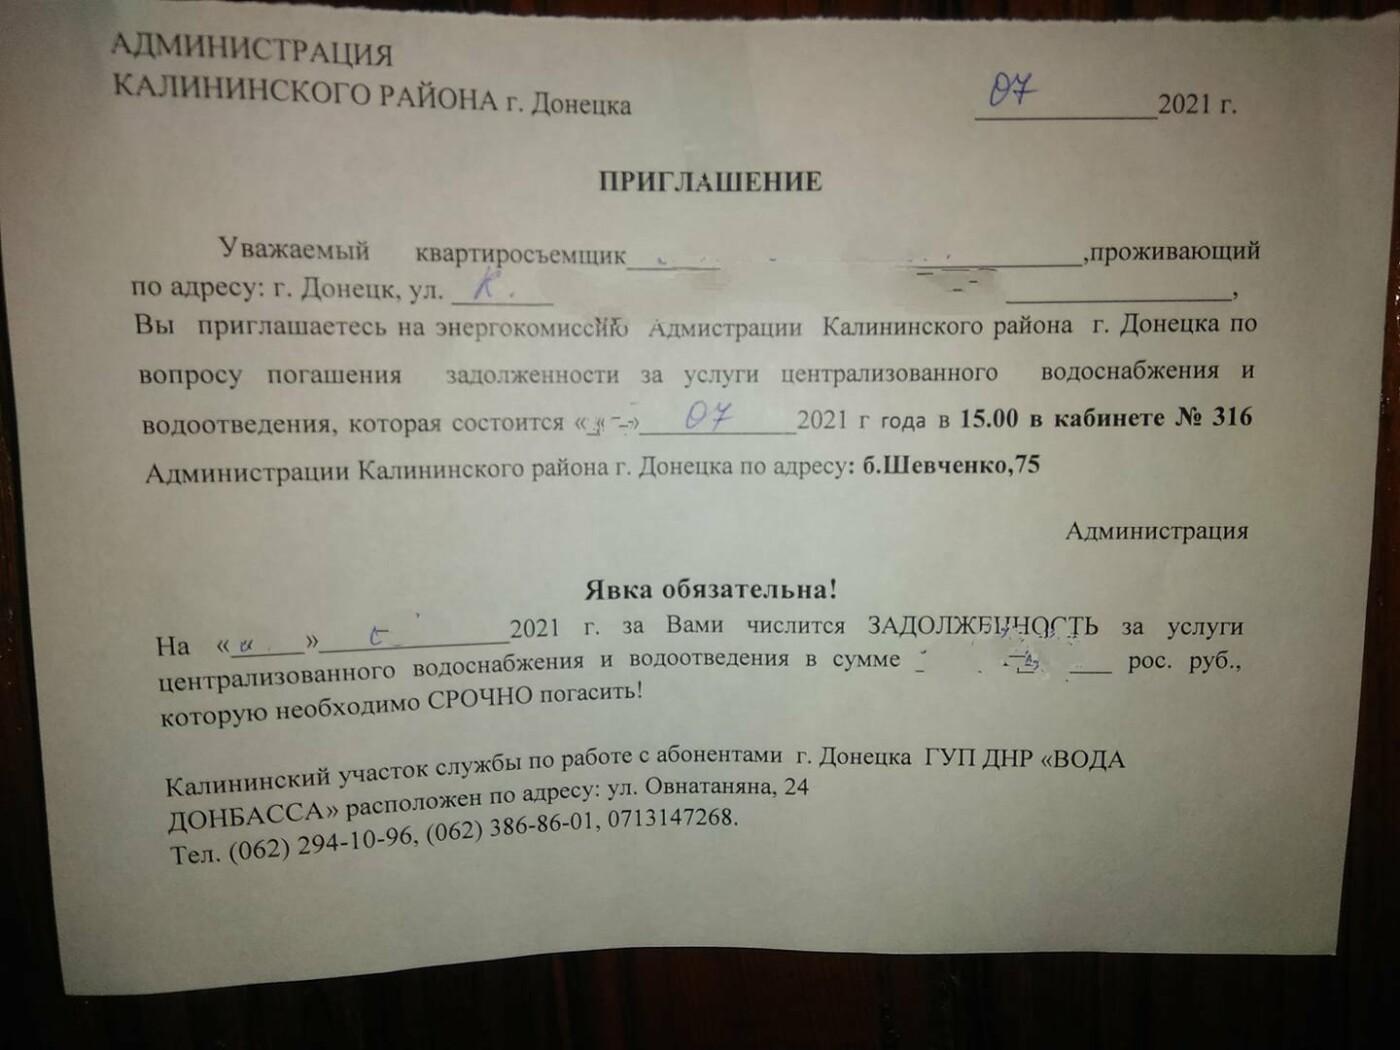 В Донецке владельцев квартир, выехавших из оккупации, вызывают на «админкомиссии», - ФОТО, фото-2